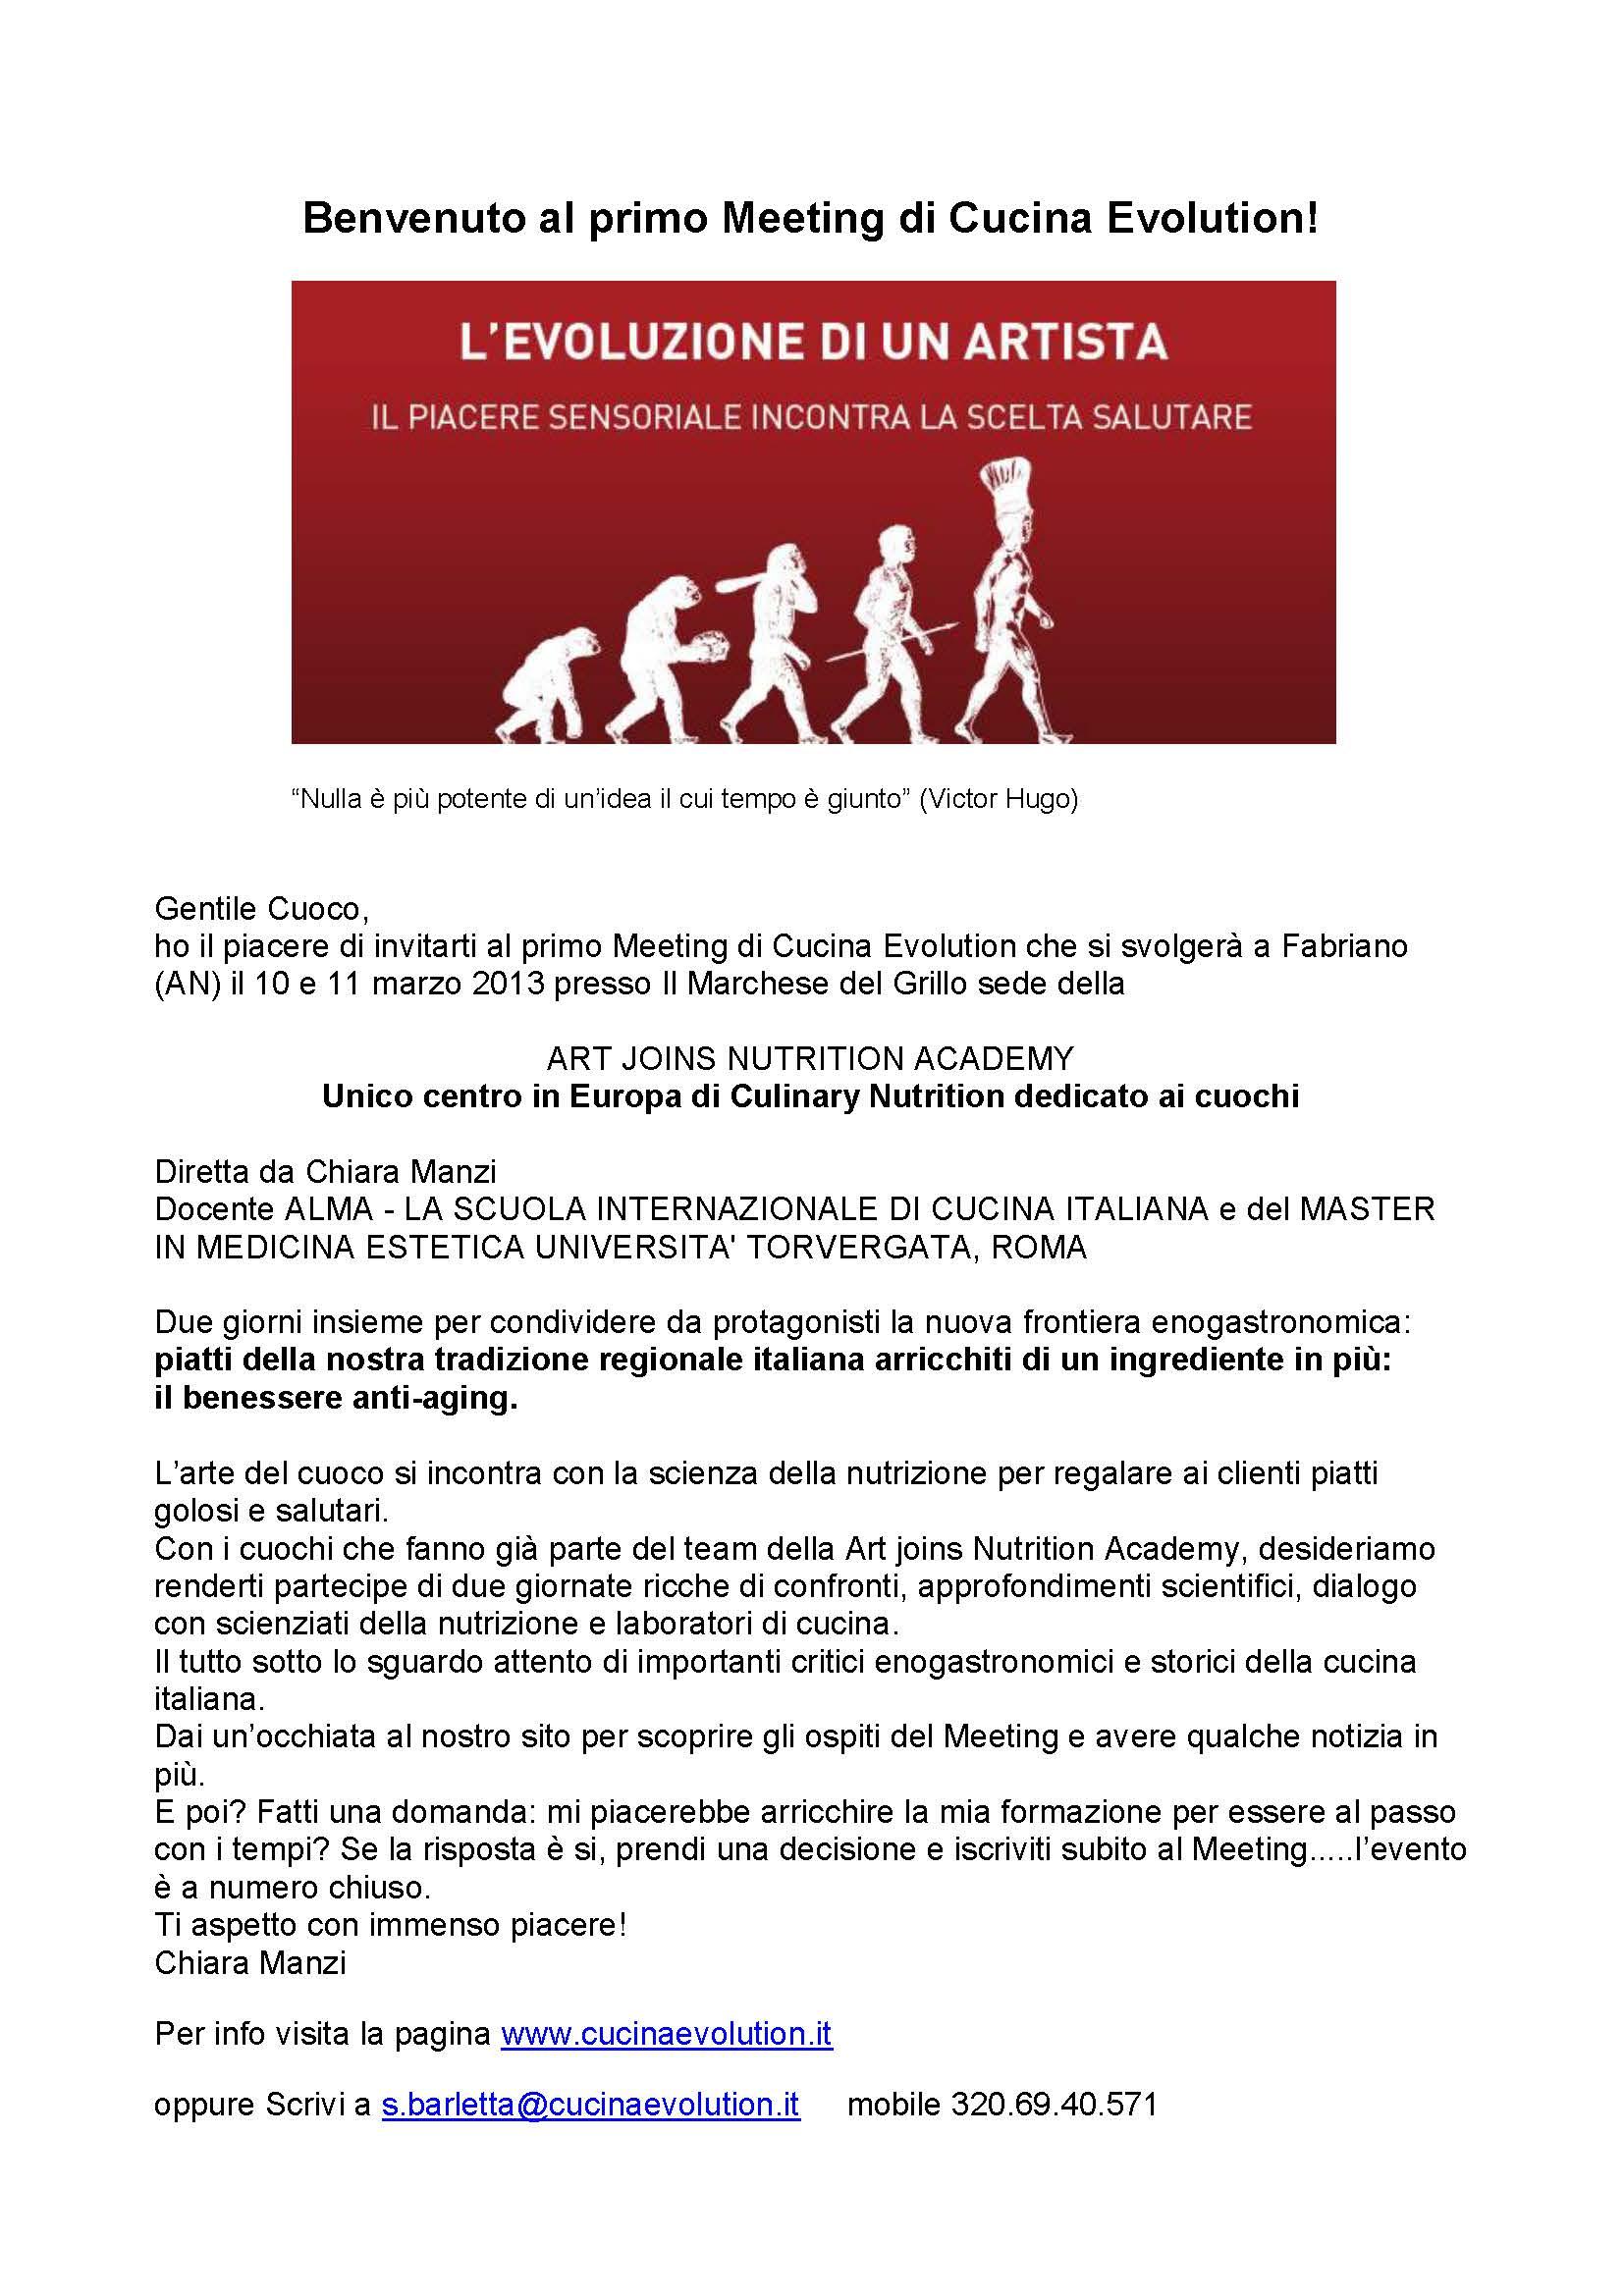 Invito al primo Meeting di Cucina Evolution. 10-11 Marzo- Fabriano